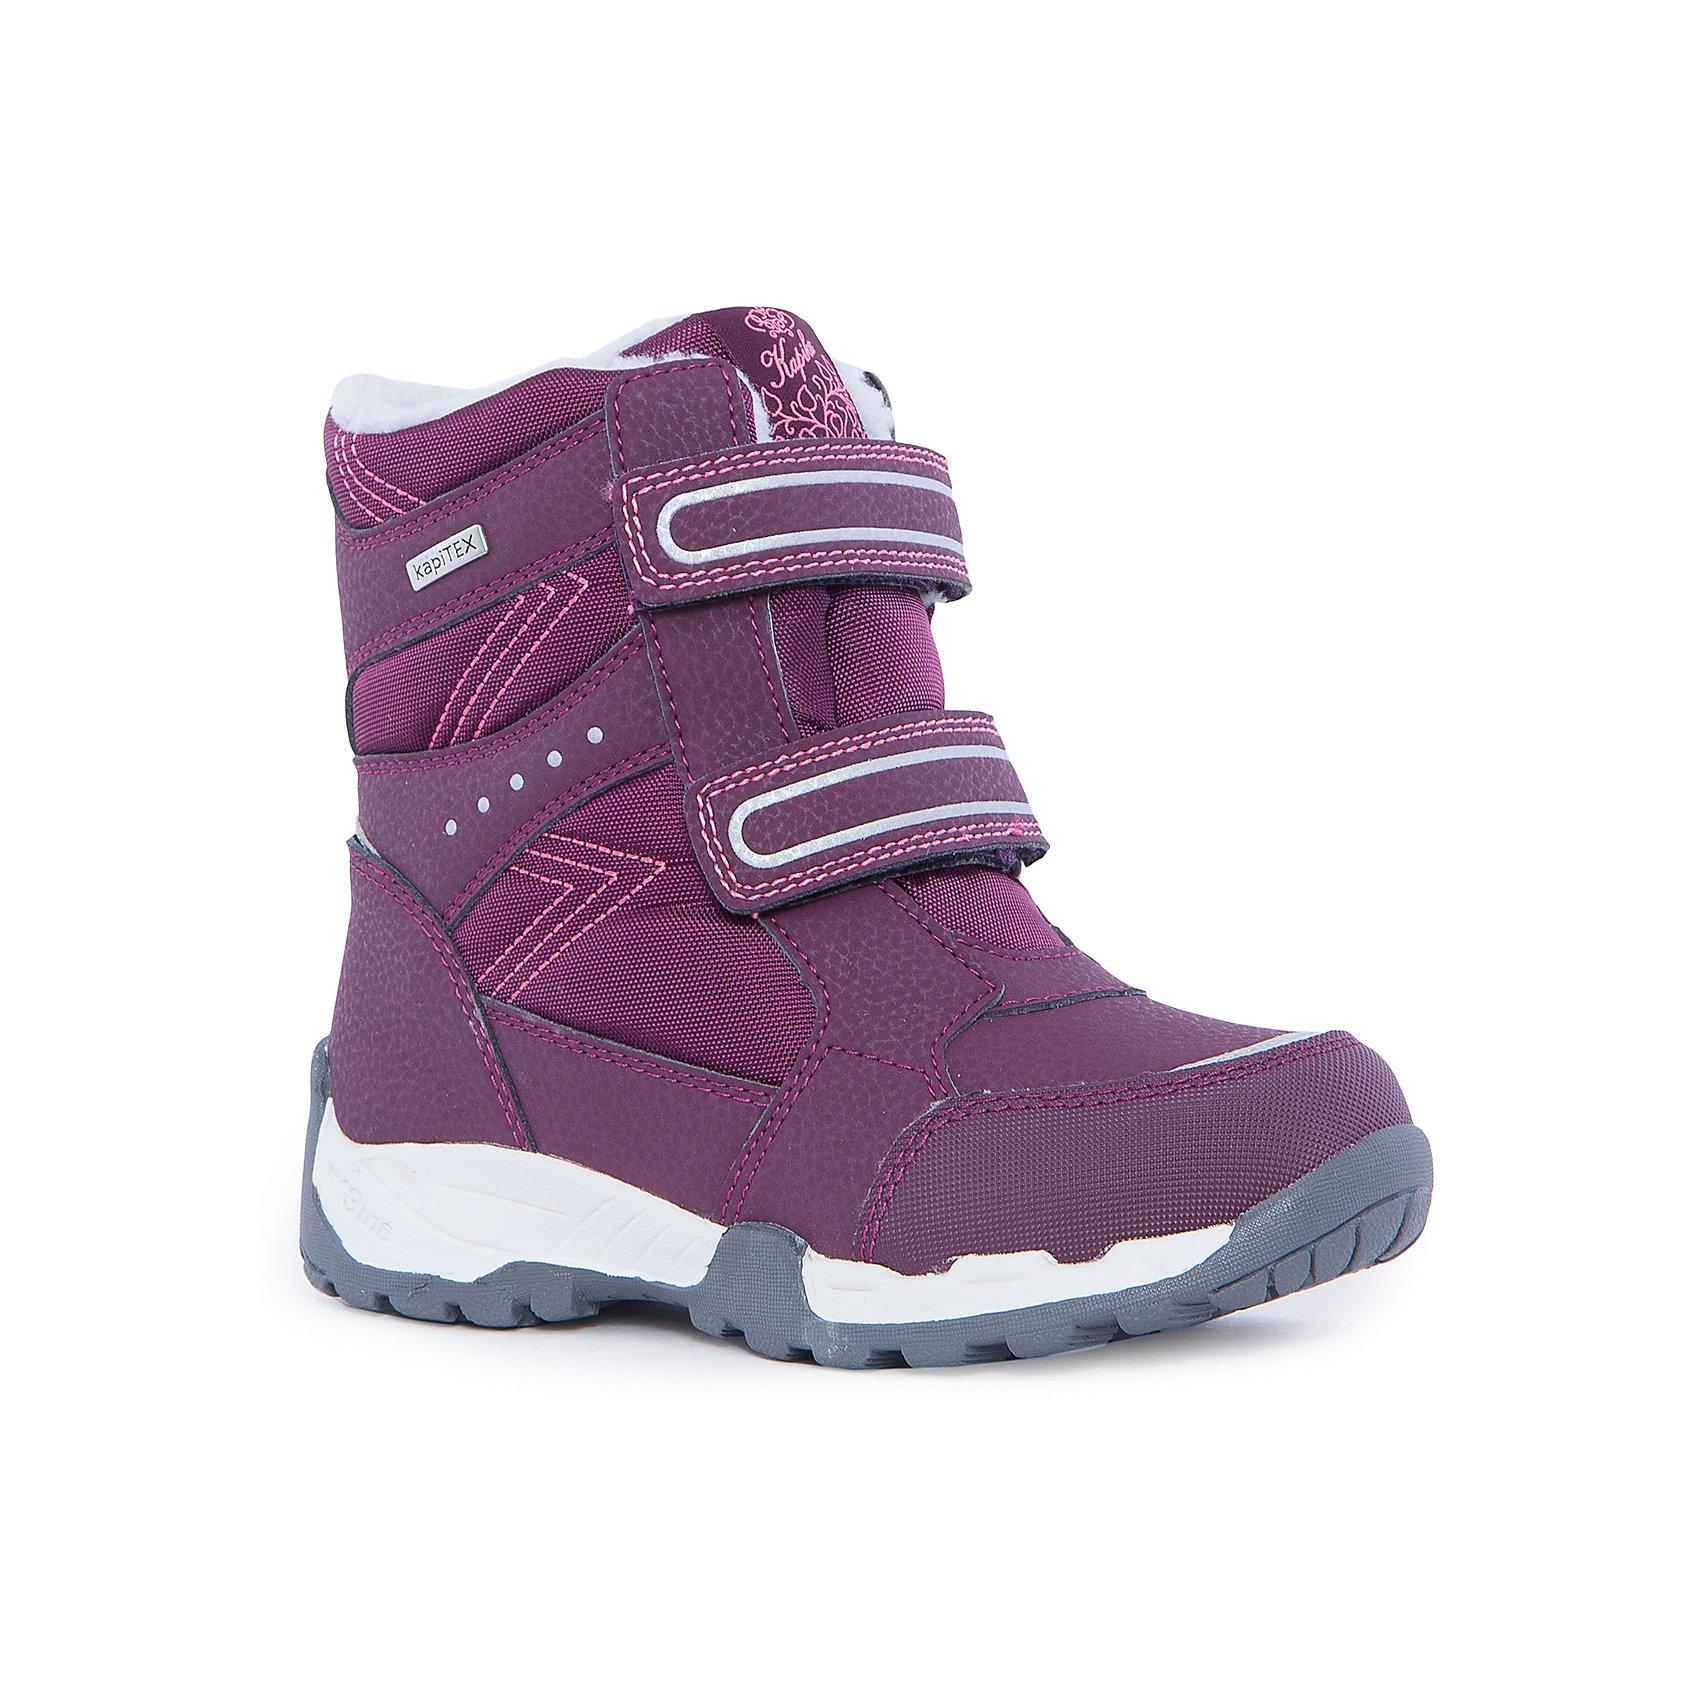 Ботинки для девочки KAPIKAБотинки<br>Ботинки для девочки KAPIKA.<br><br>Температурный режим: до -20 градусов. Степень утепления – средняя. <br><br>* Температурный режим указан приблизительно — необходимо, прежде всего, ориентироваться на ощущения ребенка. <br><br>Стильная и теплая обувь для холодной погоды.<br>Теплые и непромокаемые высокие ботинки – очень легкие и удобные. Ребенок сможет бегать долгое время и не уставать. Кроме этого, для правильного положения стопы есть твердый задник. Нескользящая подошва защитит ребенка от падения. Ботинки хорошо прилегают к ноге, фиксируясь двумя липучками.<br><br>Дополнительная информация:<br><br>- цвет: бордовый<br>- материал верха: искусственная кожа/водонепроницаемый материал<br>- материал низа: 20% шерсть<br><br>Ботинки для девочки KAPIKA можно купить в нашем интернет магазине.<br><br>Ширина мм: 262<br>Глубина мм: 176<br>Высота мм: 97<br>Вес г: 427<br>Цвет: красный<br>Возраст от месяцев: 84<br>Возраст до месяцев: 96<br>Пол: Женский<br>Возраст: Детский<br>Размер: 31,35,32,33,34<br>SKU: 4987974